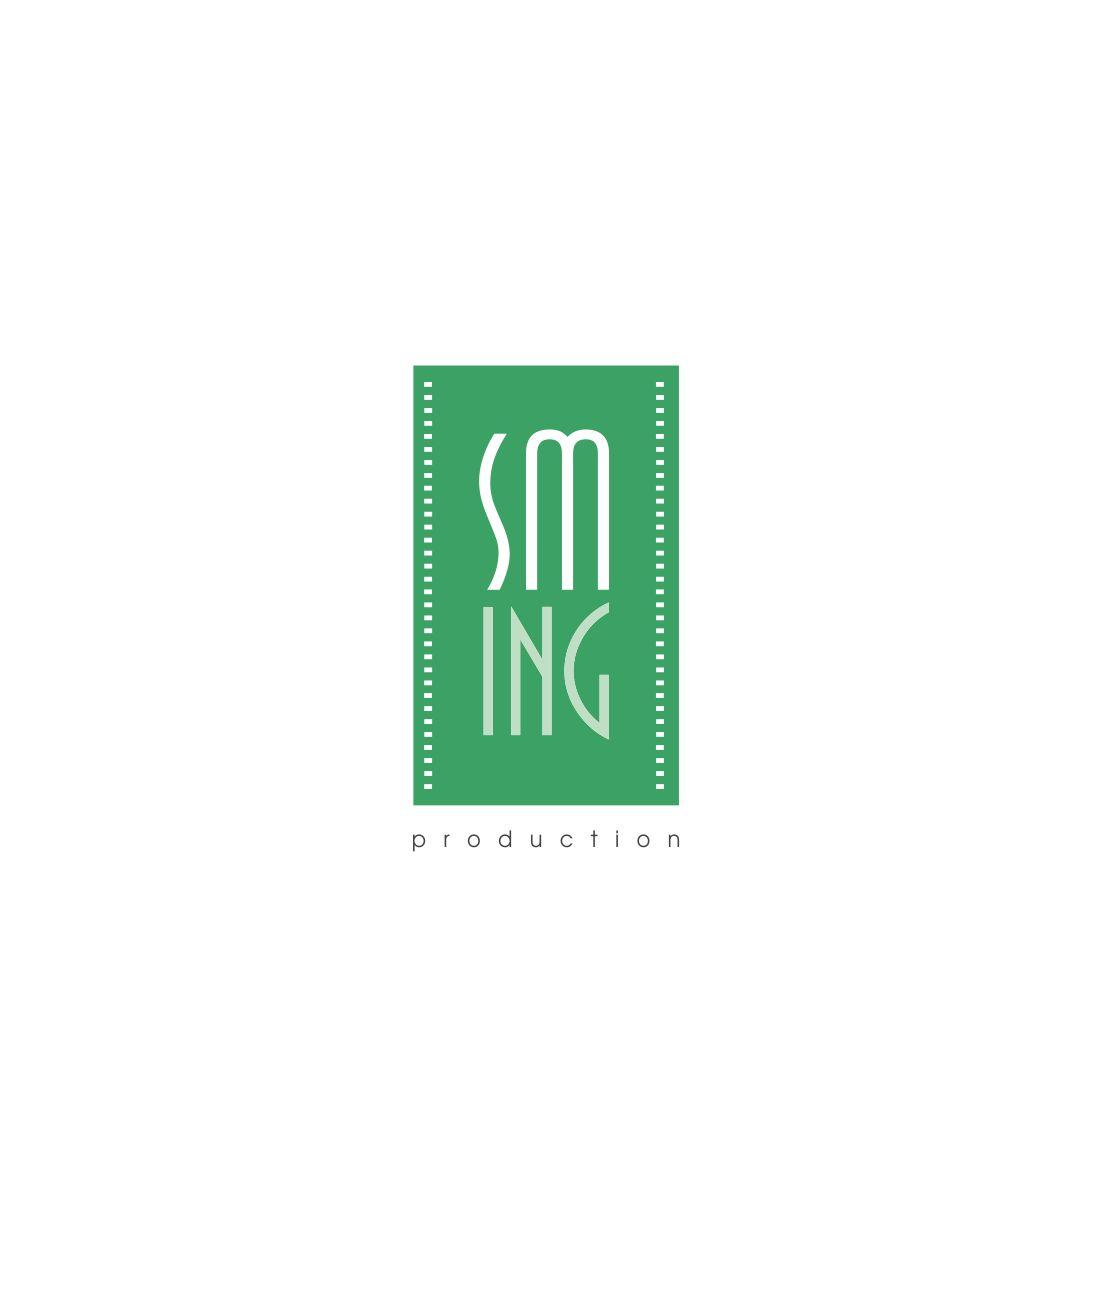 Логотип для видеопродакшн студии - дизайнер Ewgene